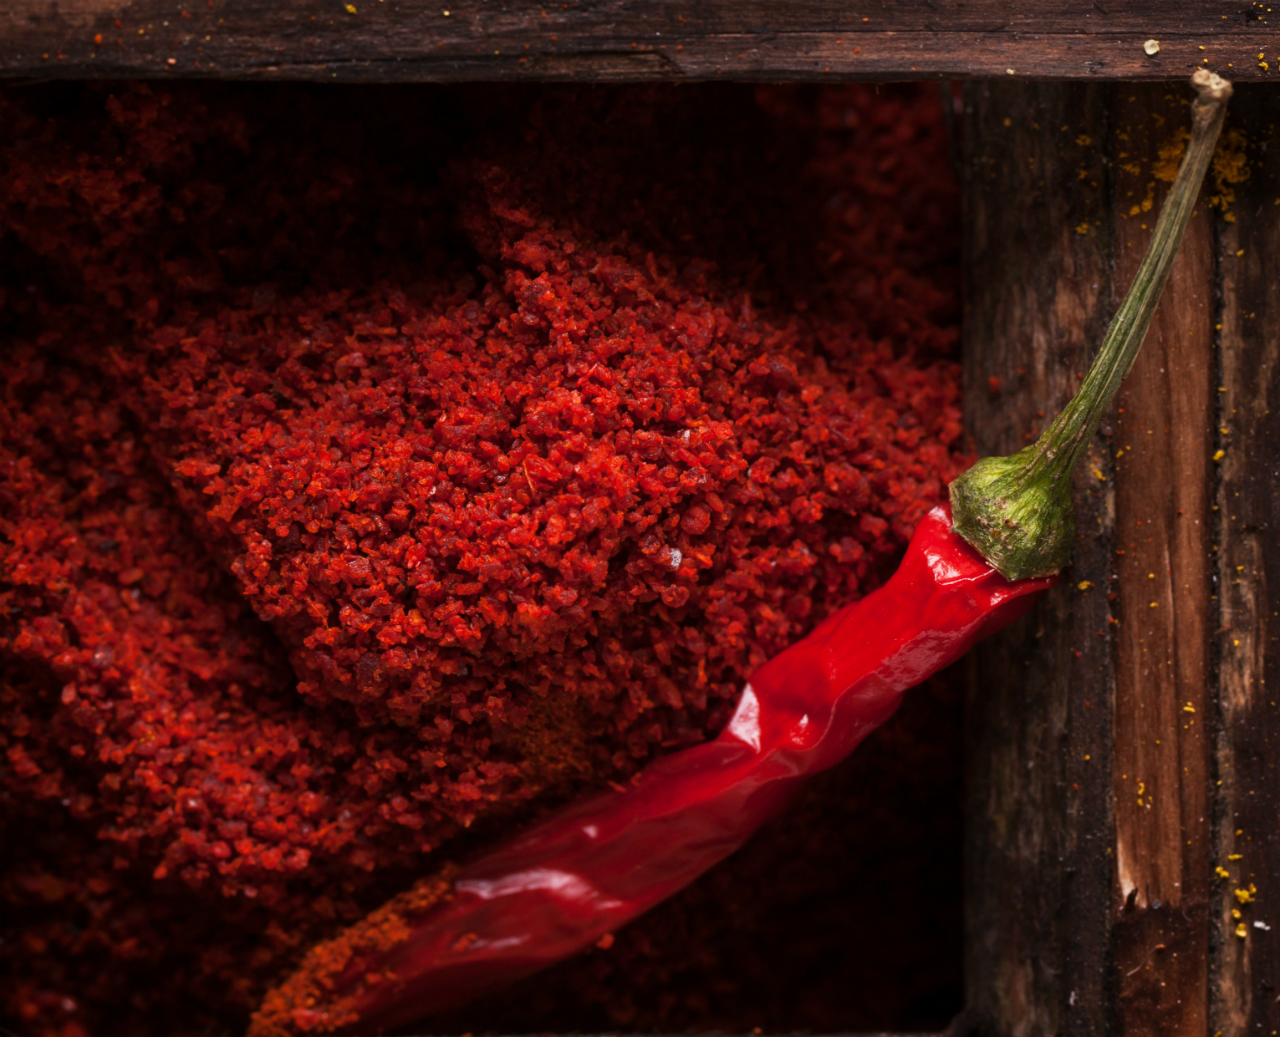 red_pepper.jpg